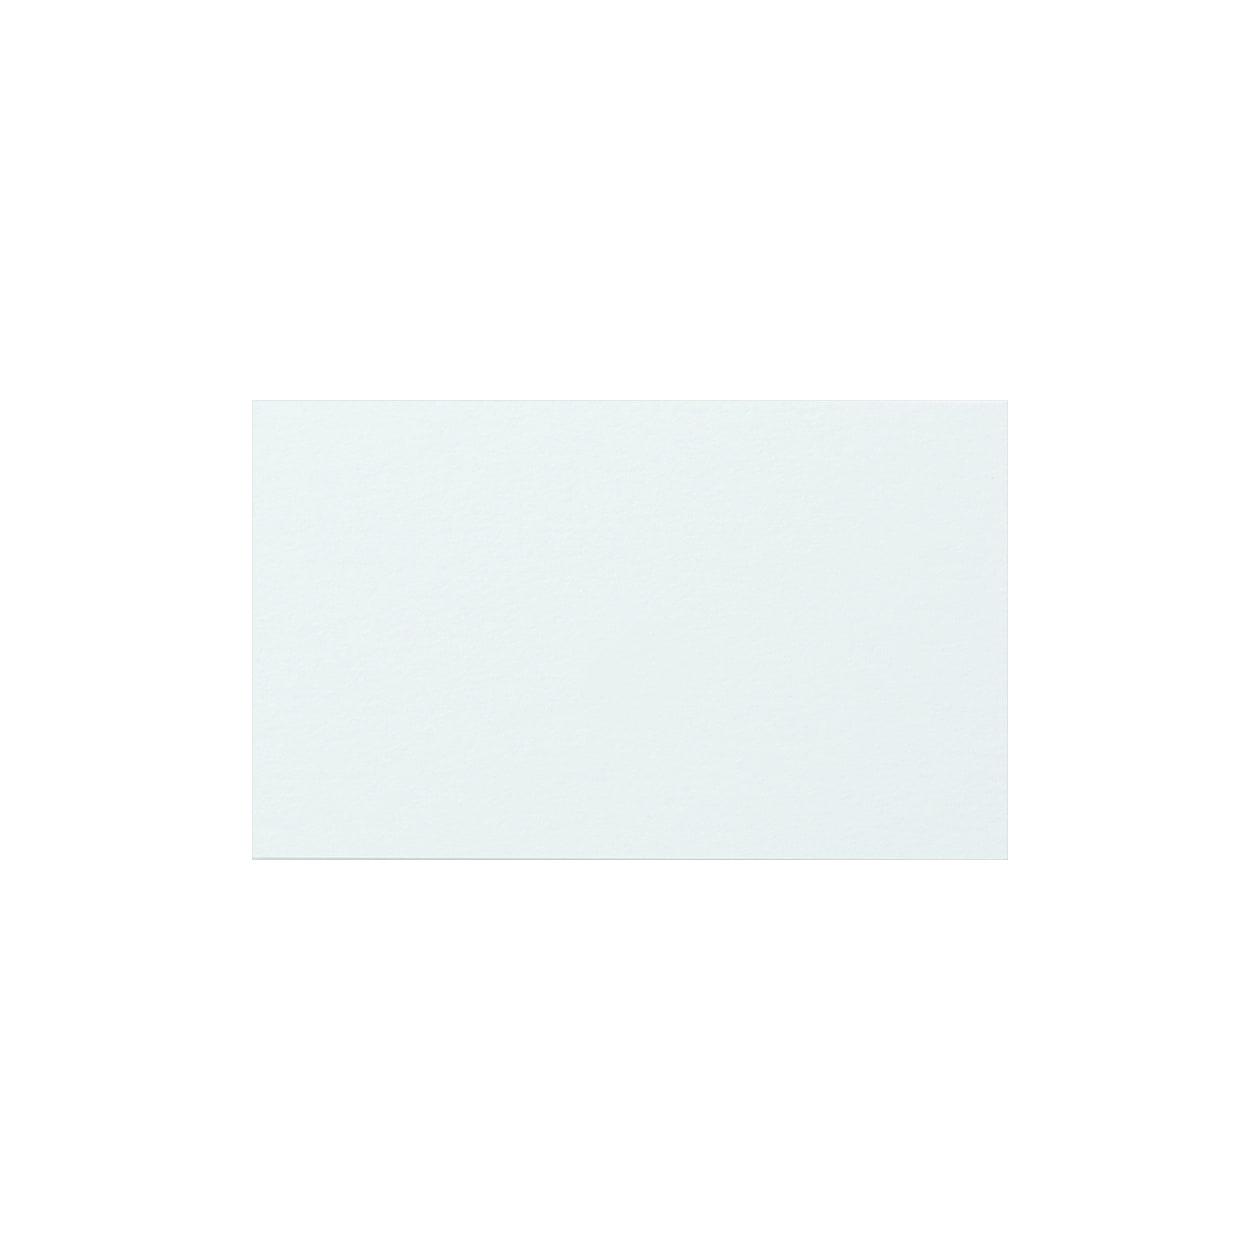 ネームカード コットン ブルー 291g